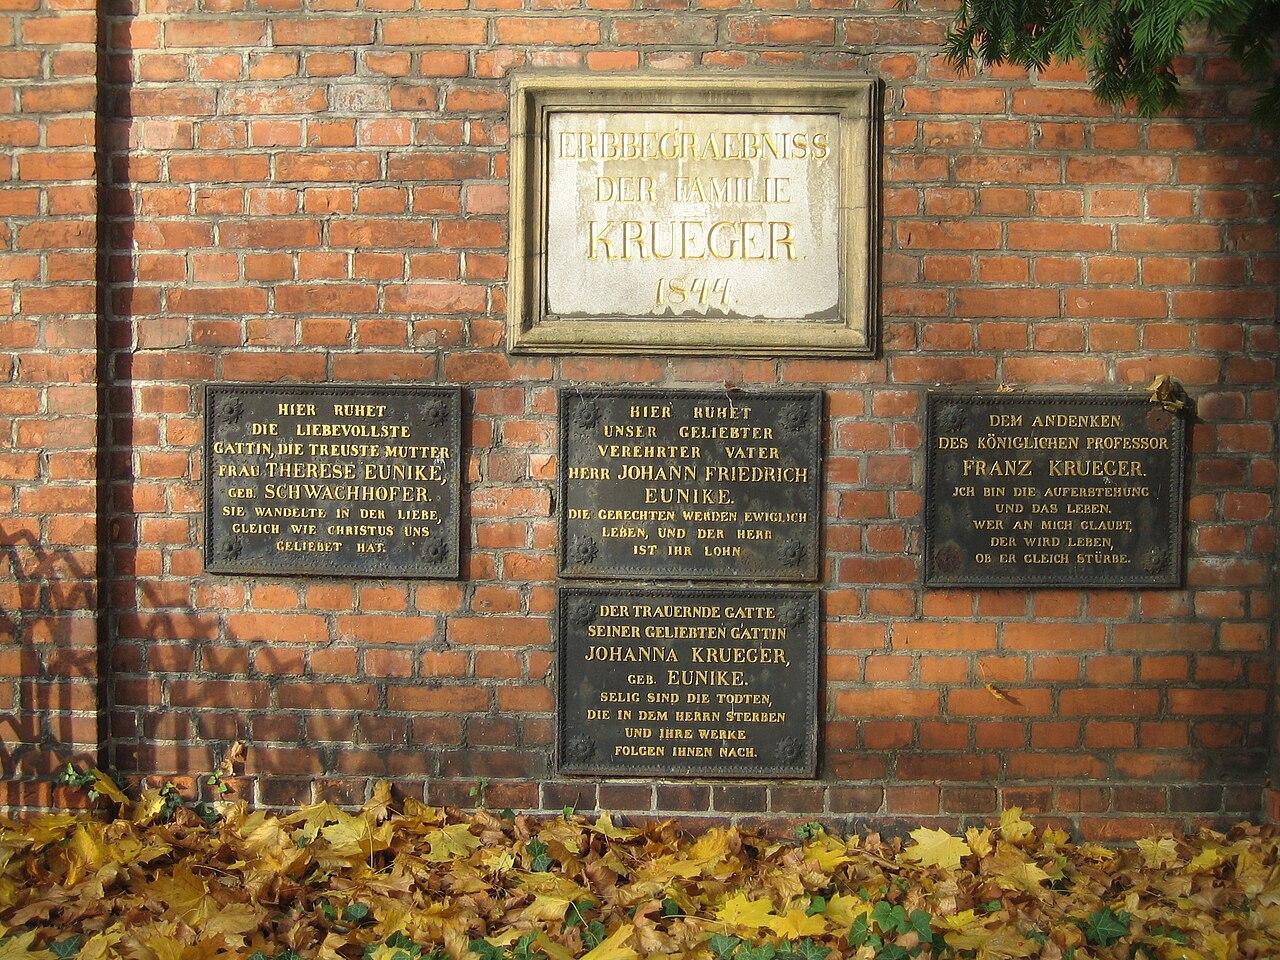 1280px-Dorotheenst_Friedhof_Krueger.jpg